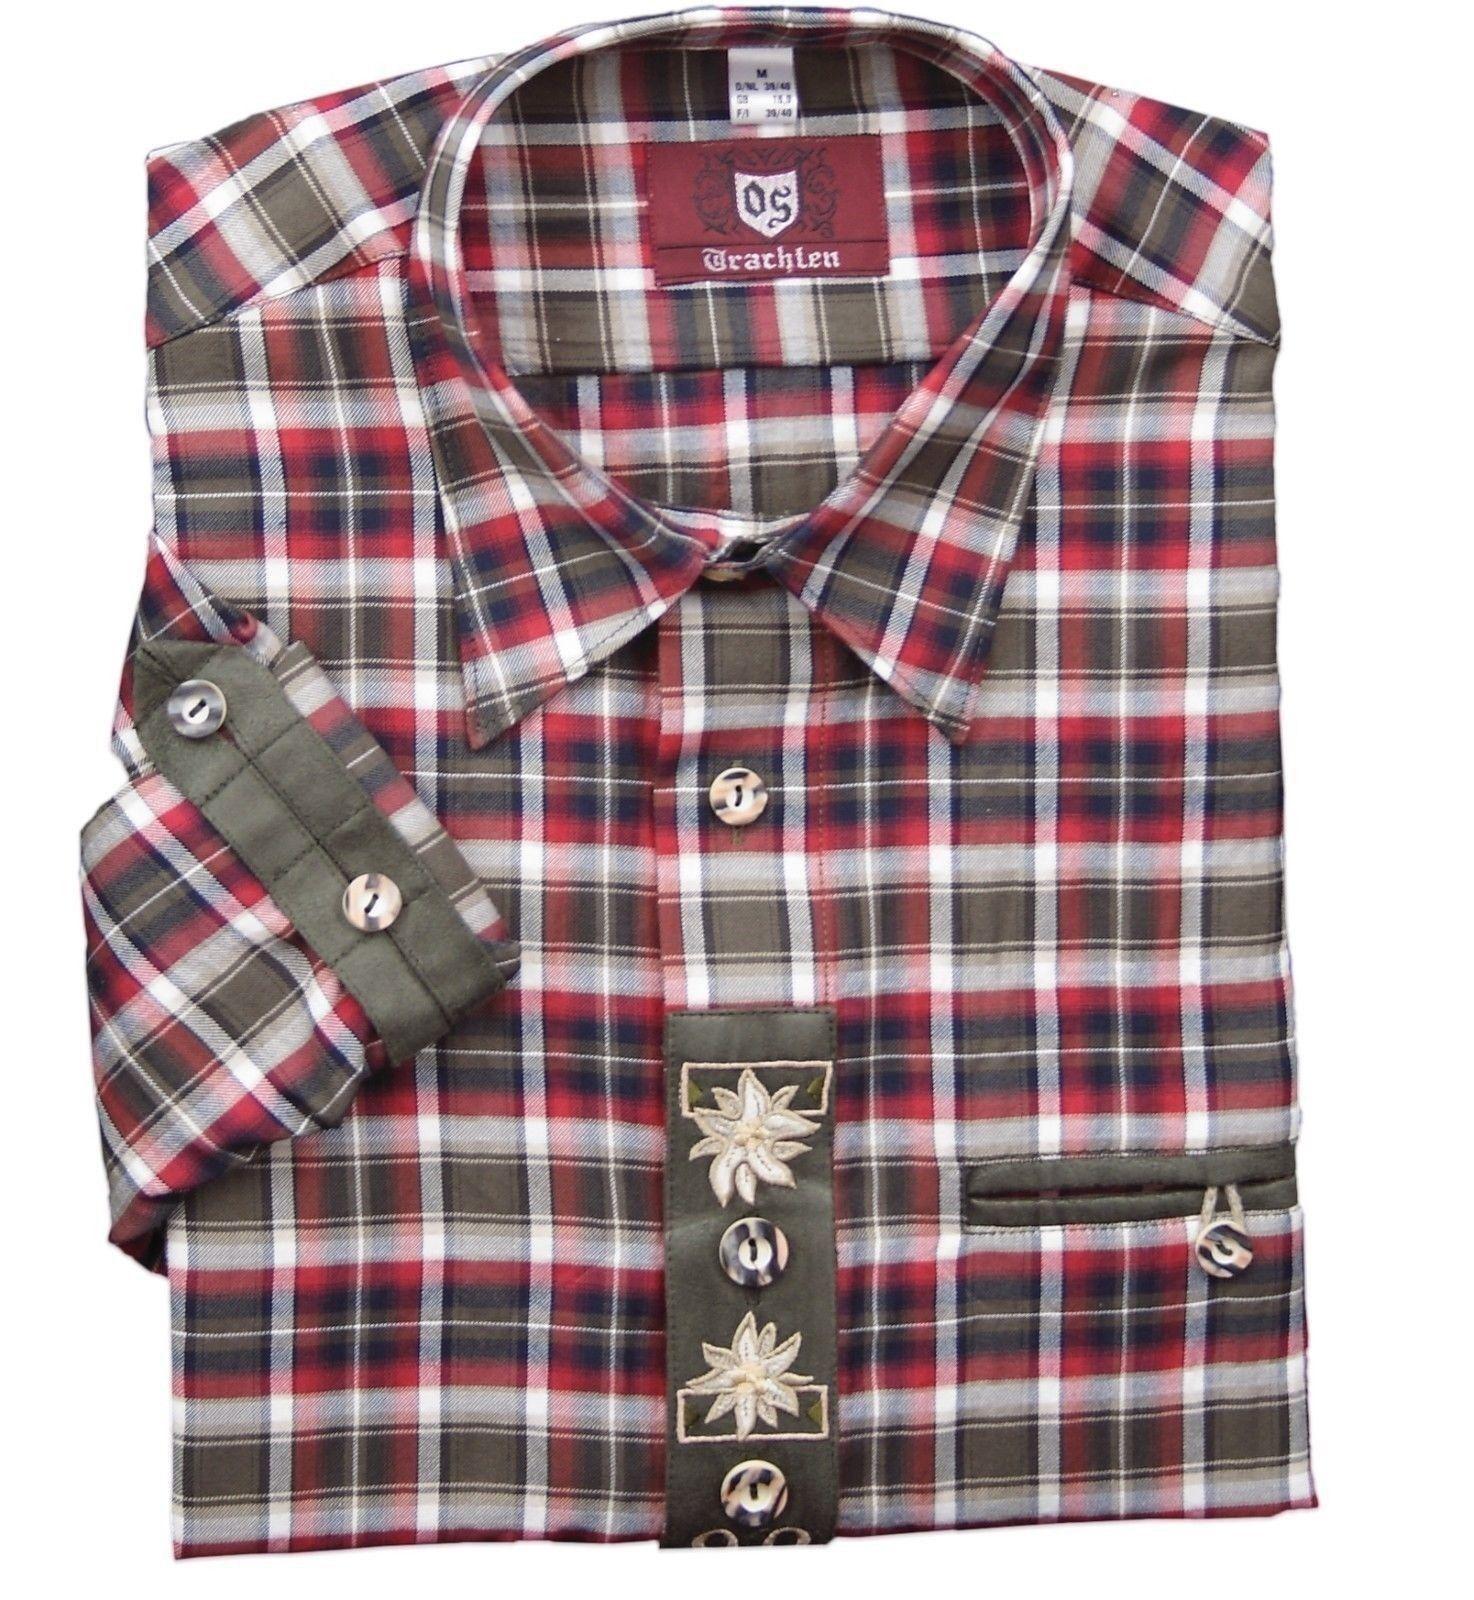 Trachtenhemd Hemd Krempelärmel Trachten Oktoberfest kariert rot oliv OS-TRACHTEN | Großer Verkauf  | Qualität Produkte  | Einfach zu spielen, freies Leben  | Reichlich Und Pünktliche Lieferung  | New Listing